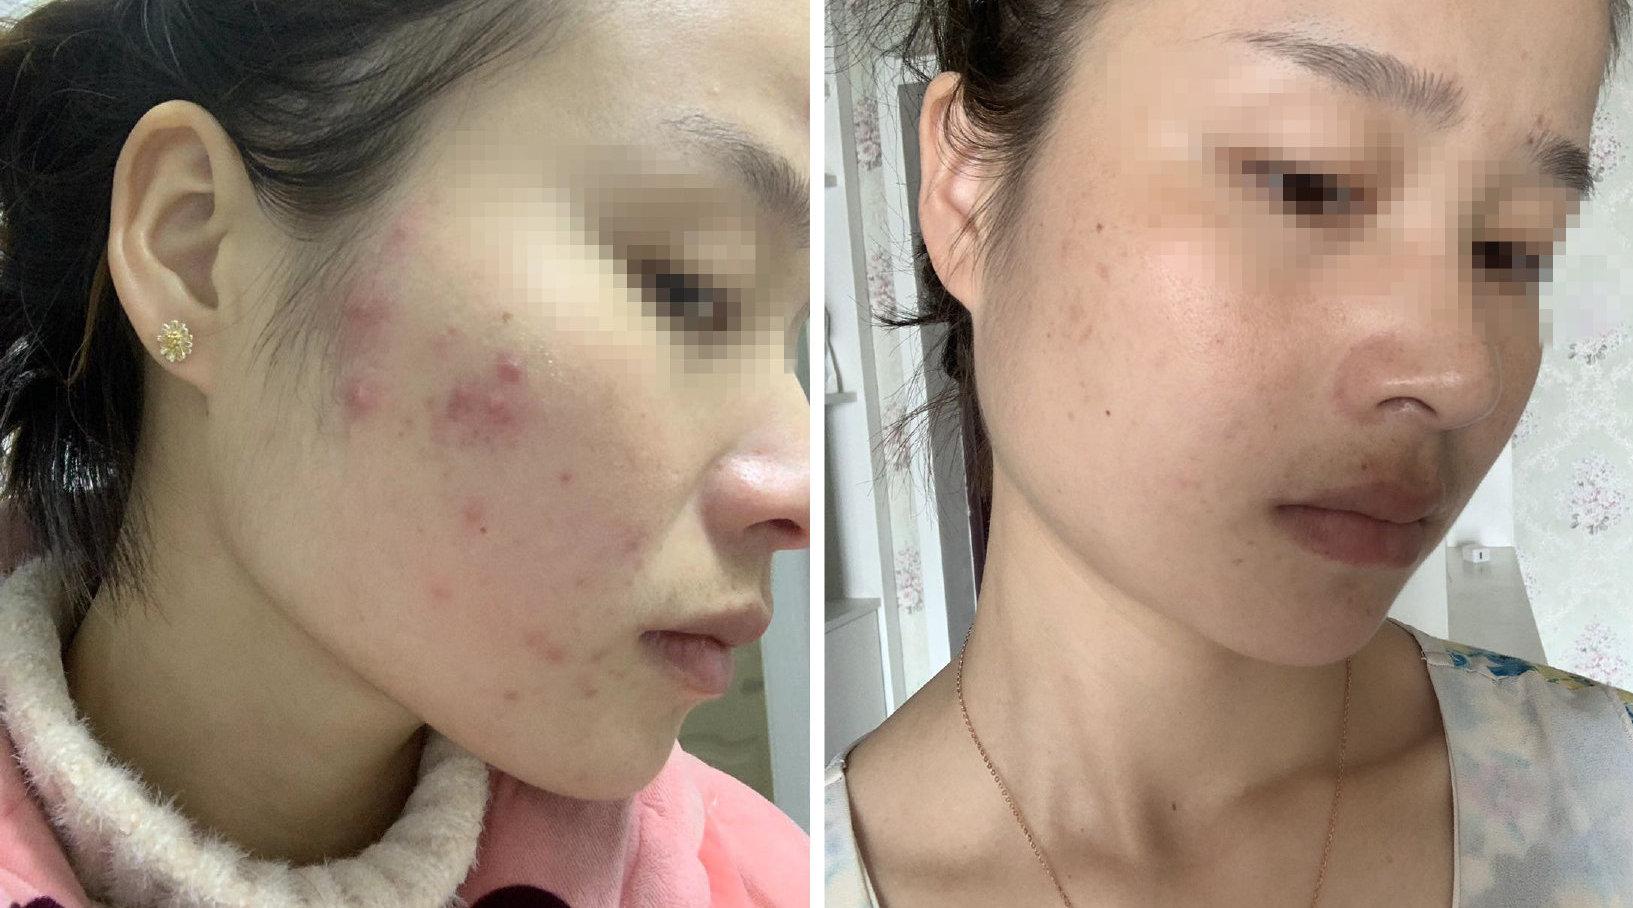 看完这个,觉得我脸上的痘痘还能再抢救一下[二哈]